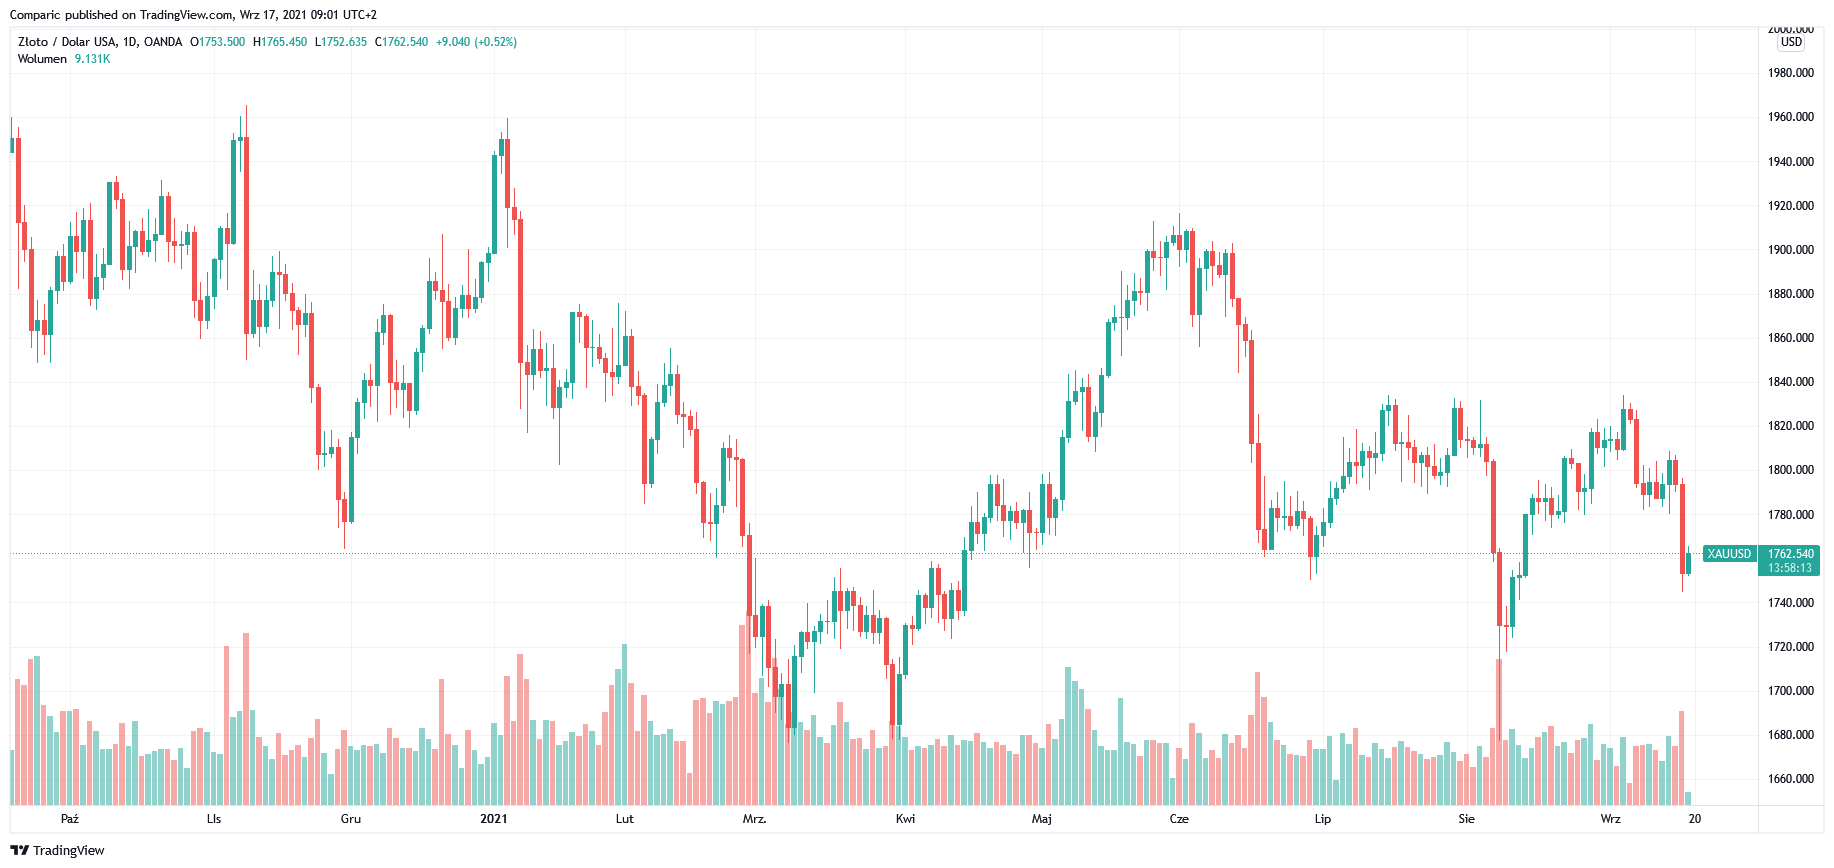 Cena złota w piątek odrabia część strat po silnej przecenie z czwartku